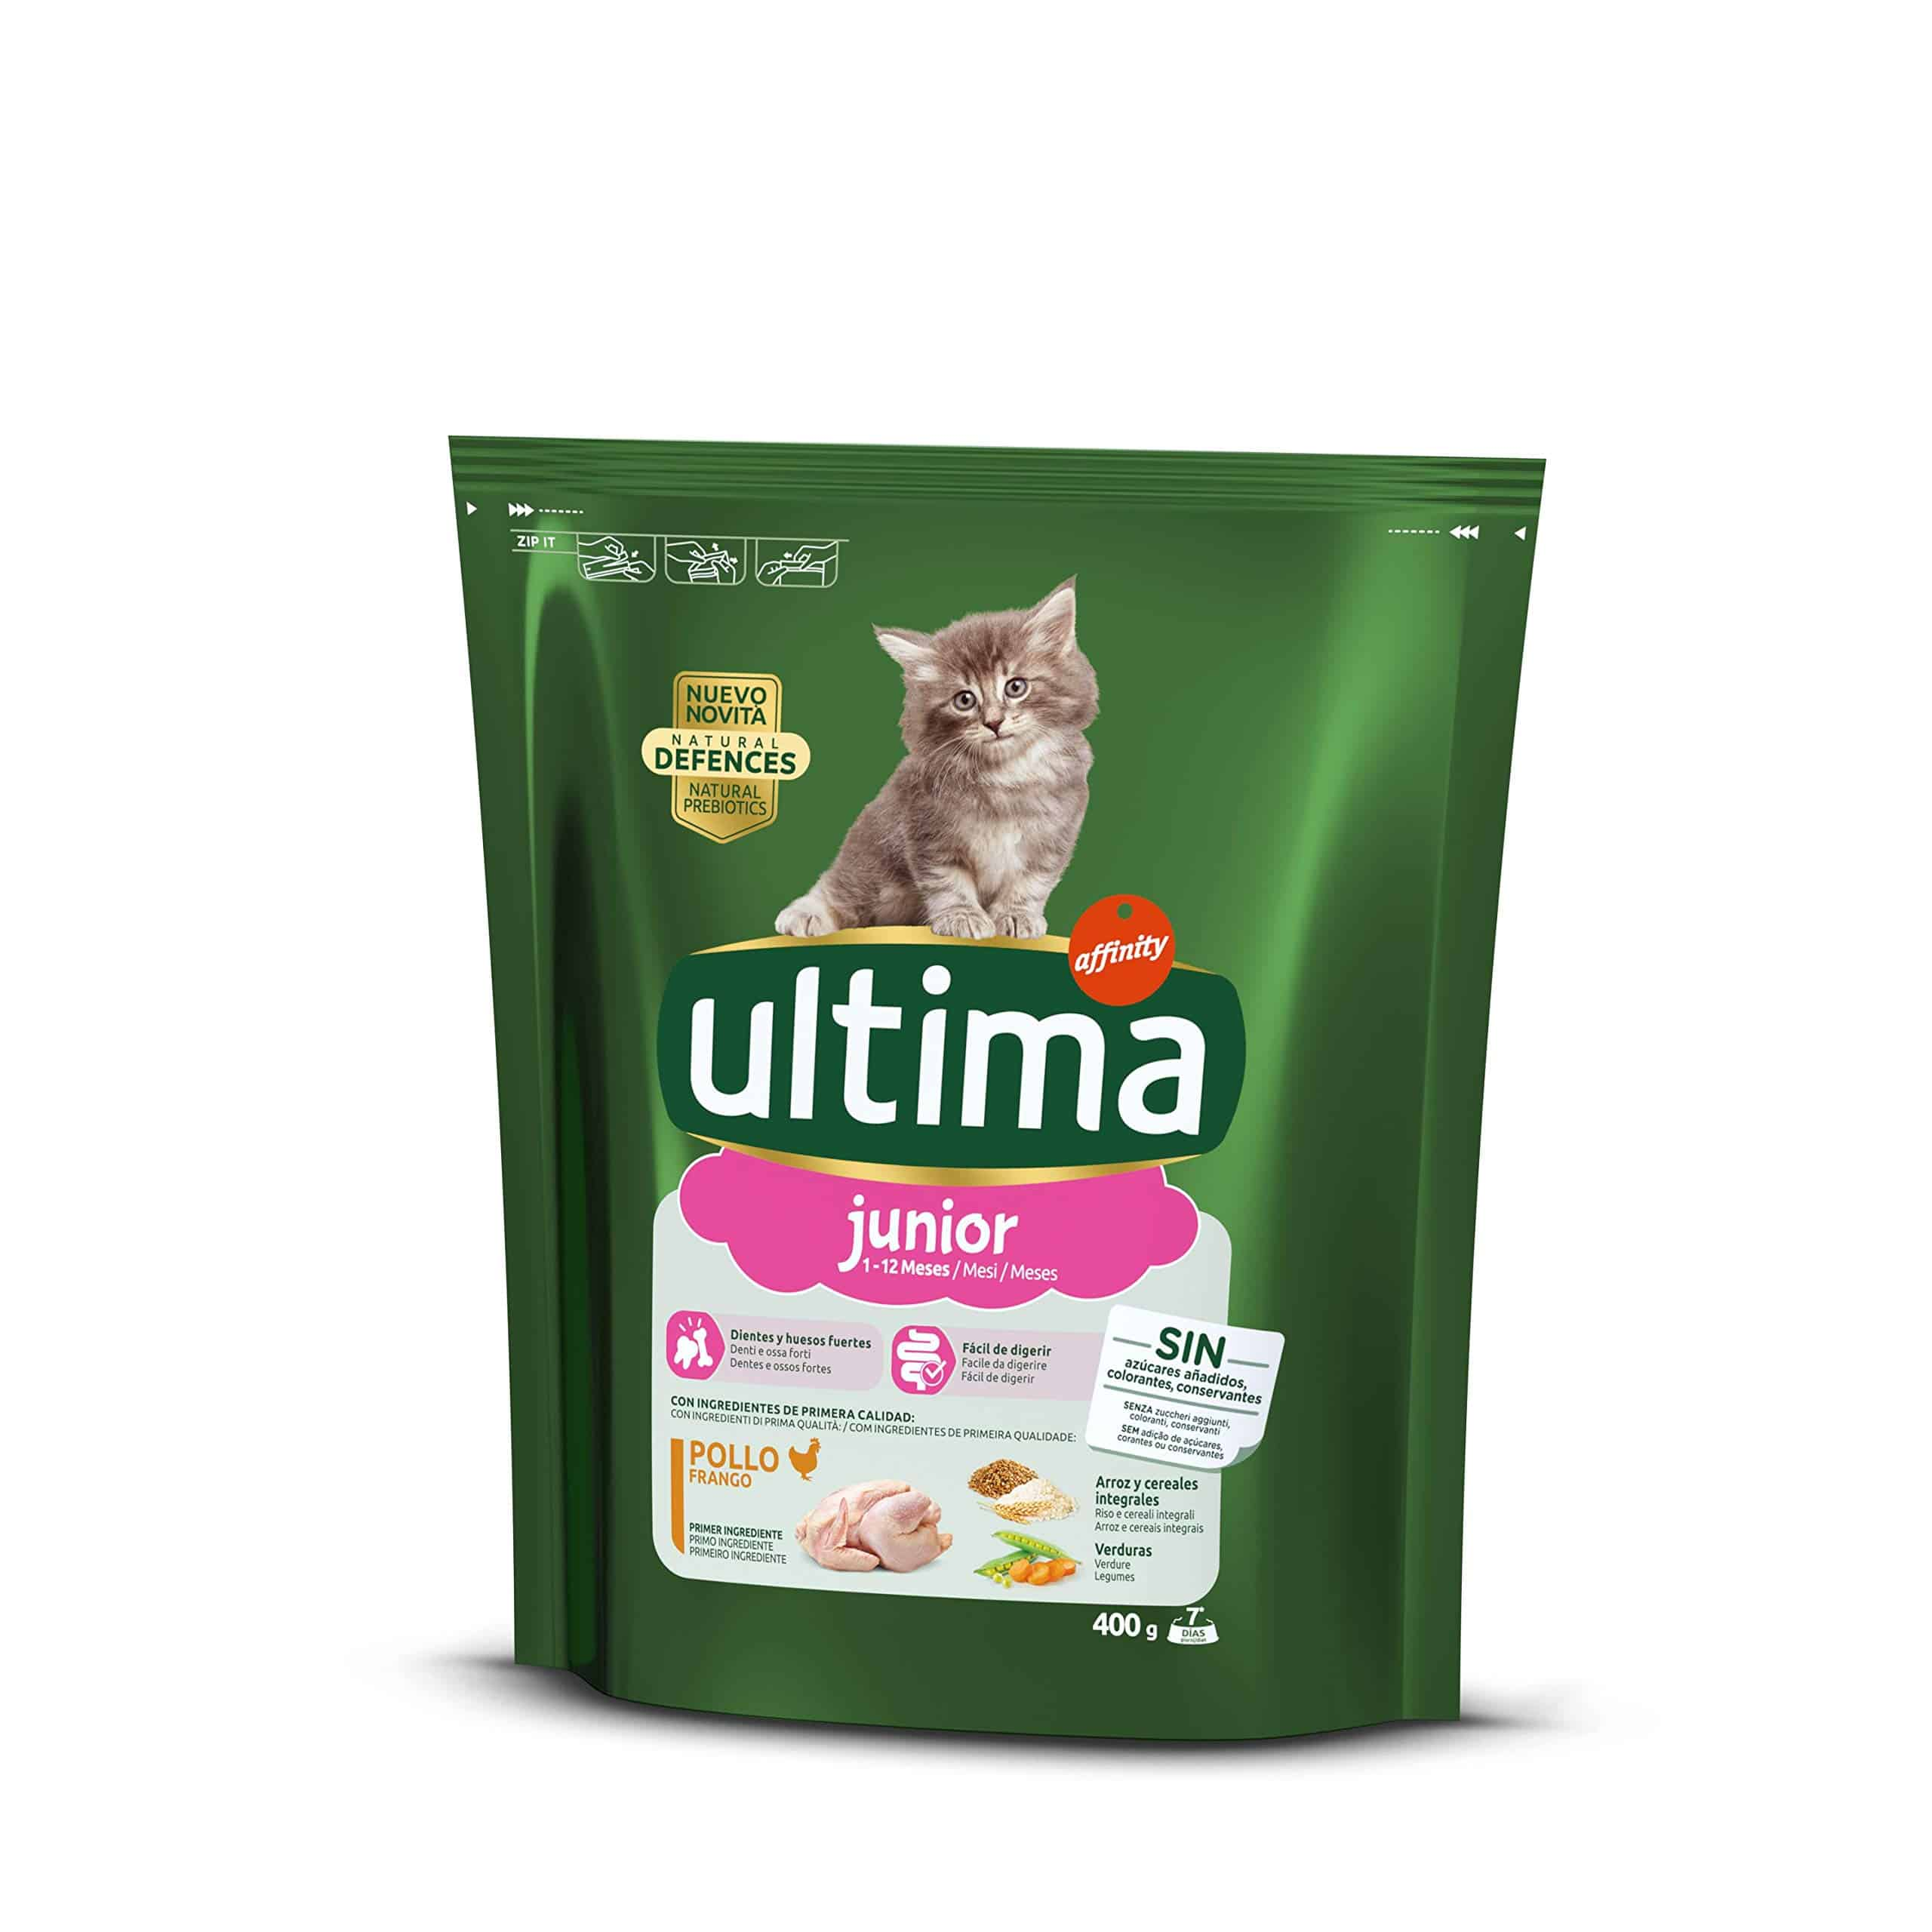 Ultima Gatos Junior Cat - Pollo & Arroz 400 g